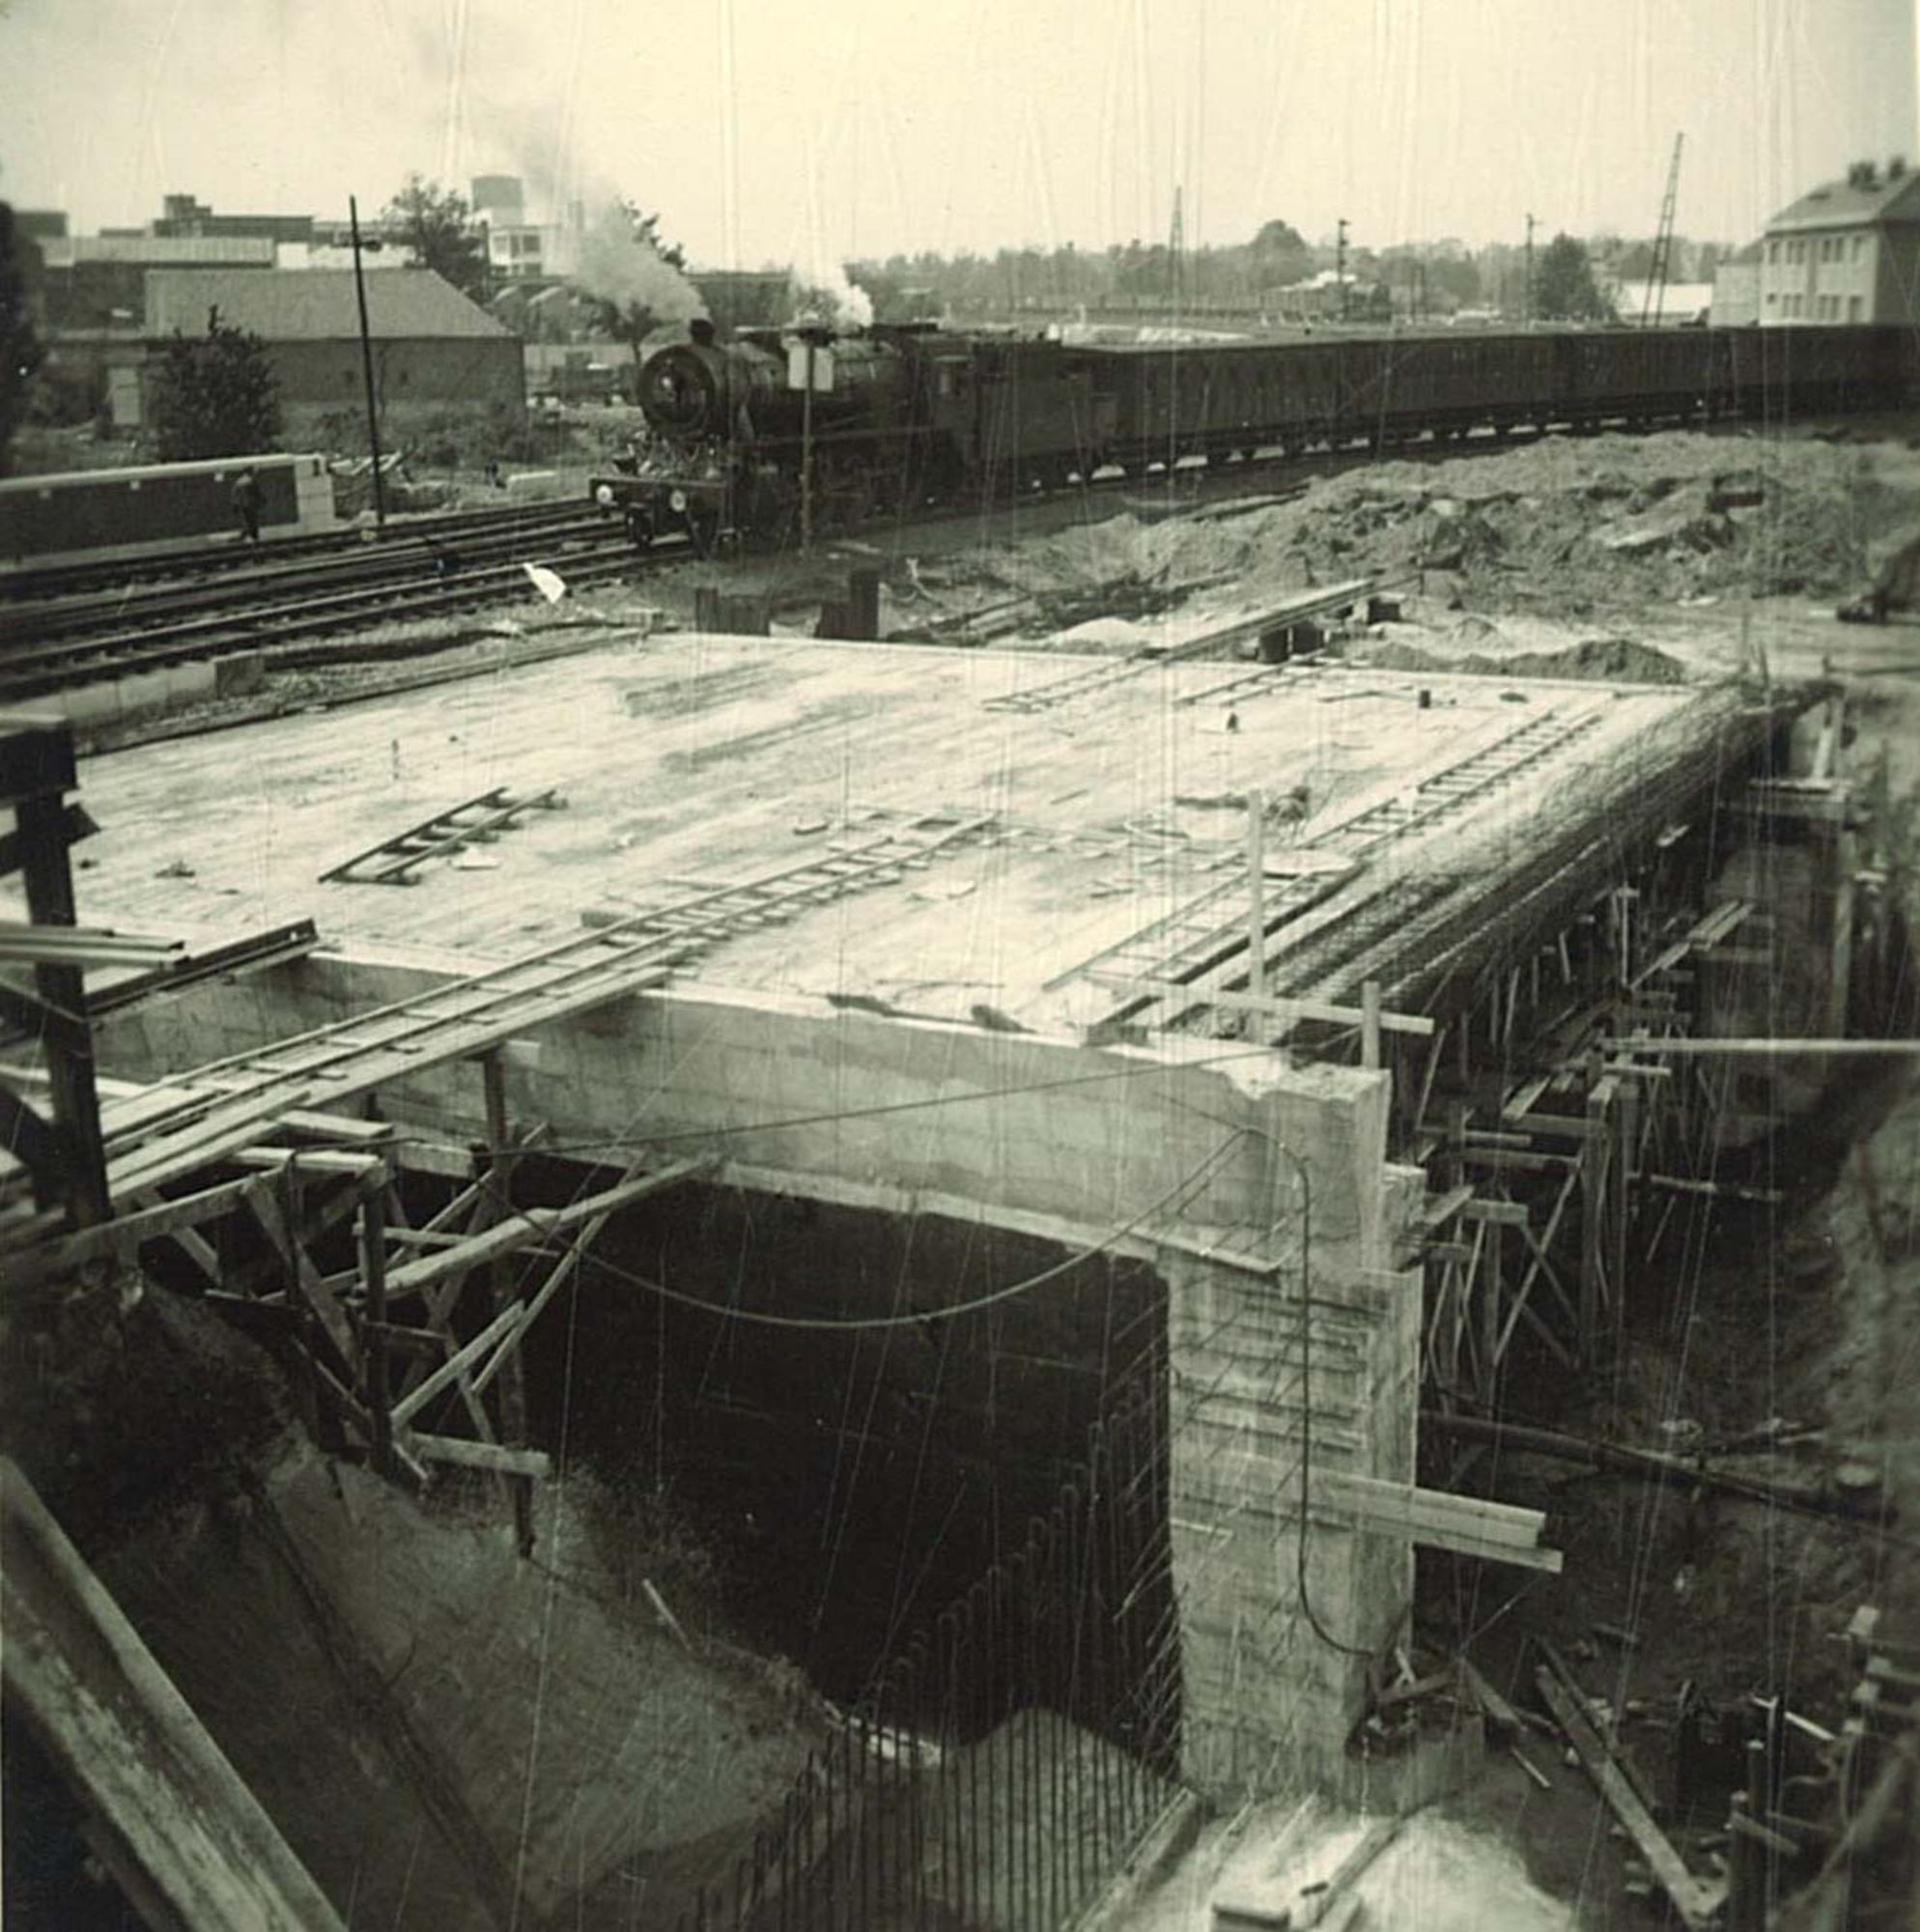 Bouw van een spoorwegtunnel in de Zandstraat